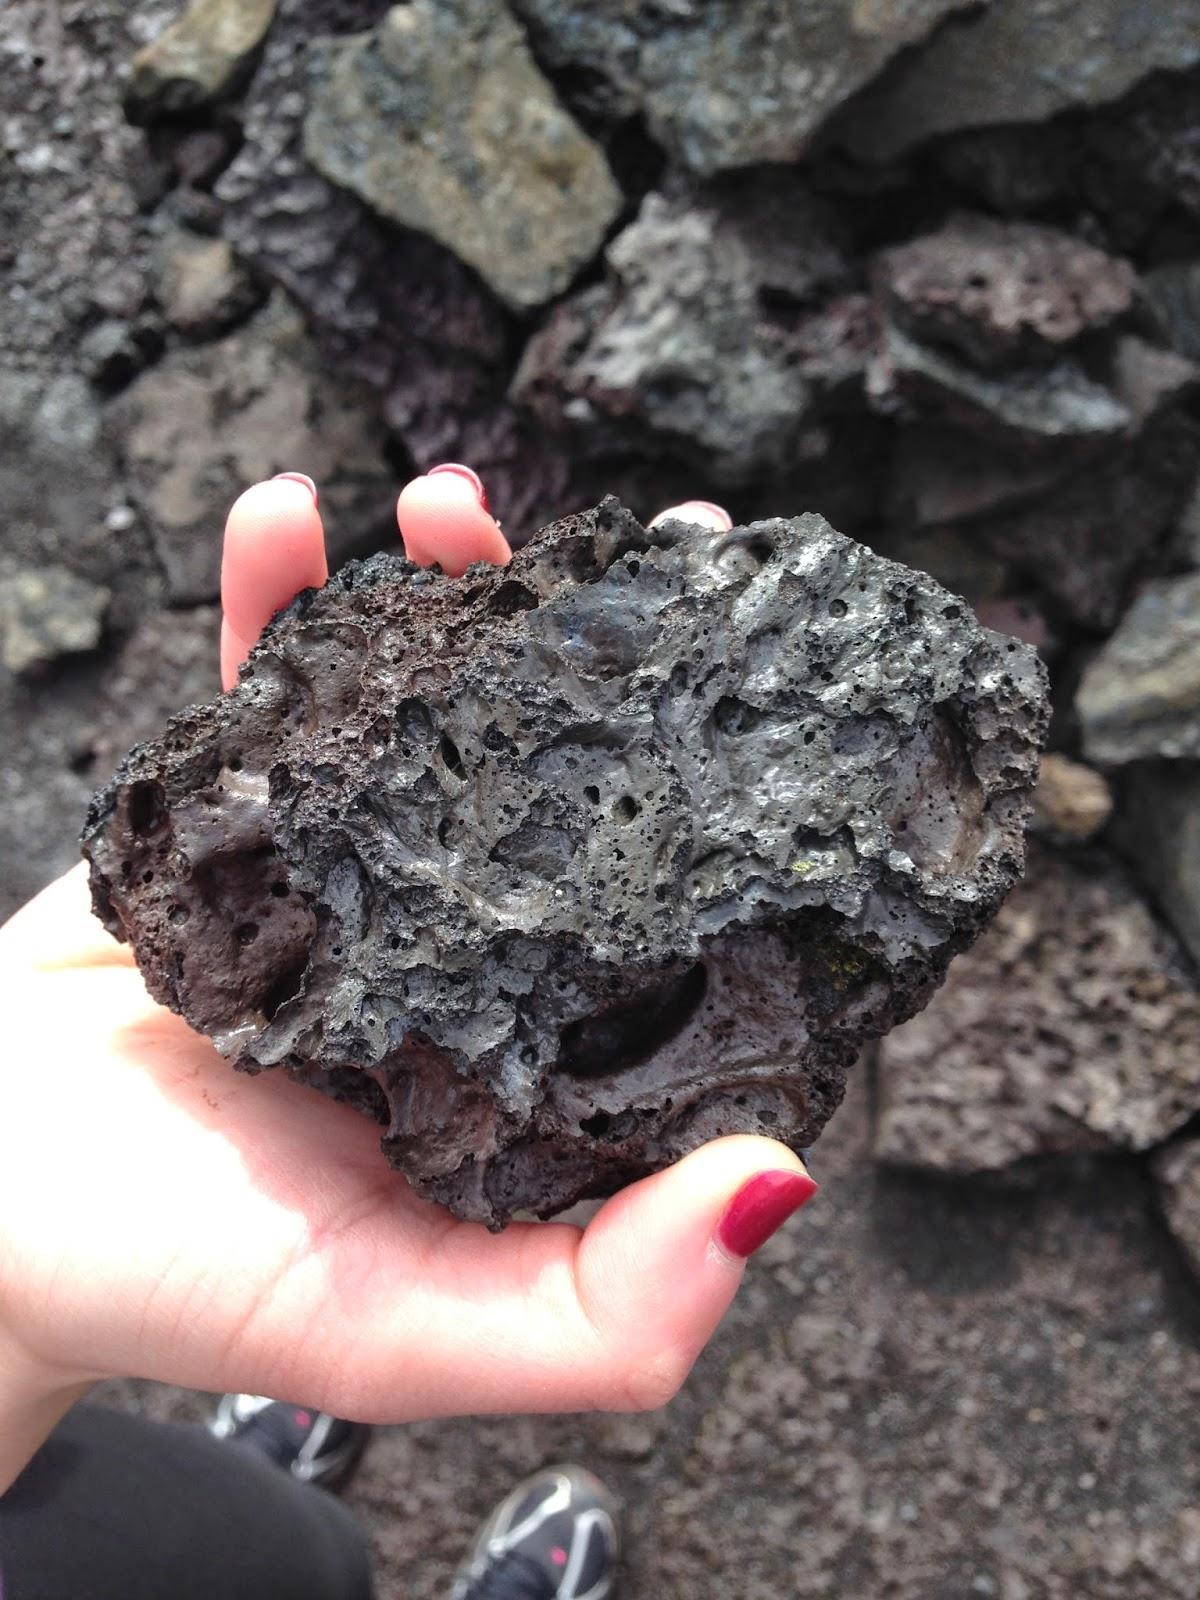 Kilauea lava rock